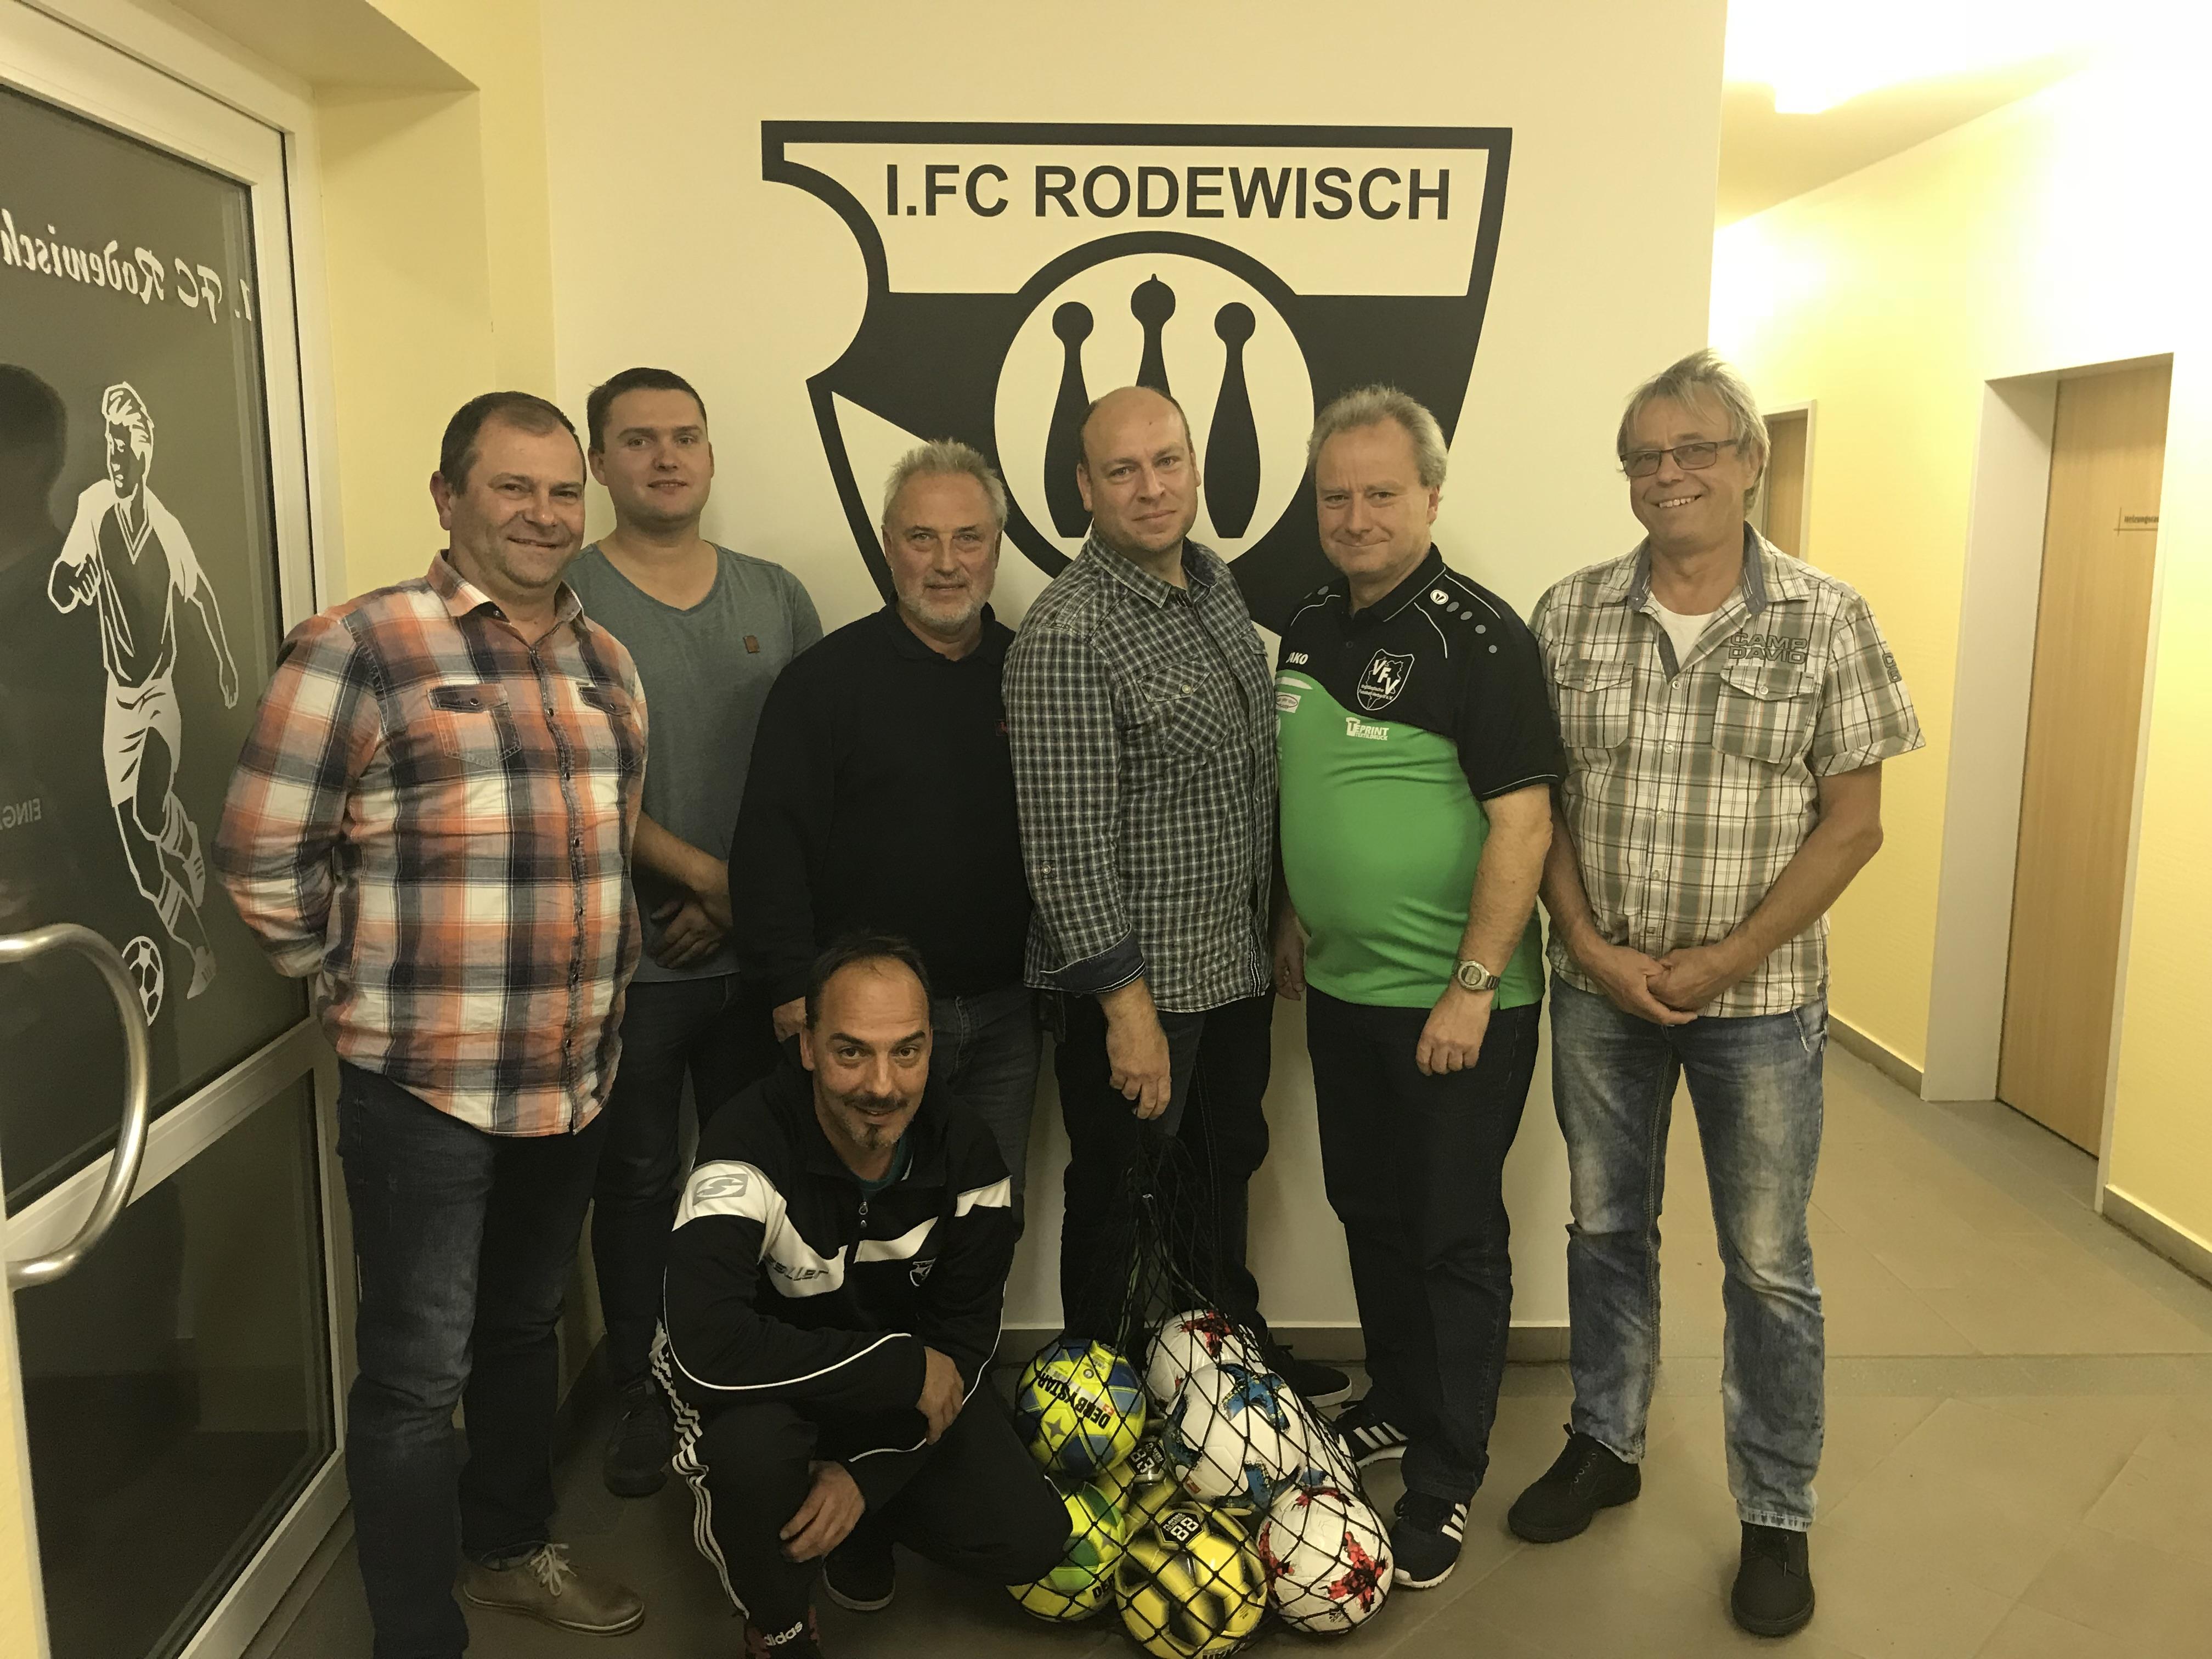 Vogtländischer Fußball-Verband e.V. besucht 1. FC Rodewisch zu einem Vereinsdialog!